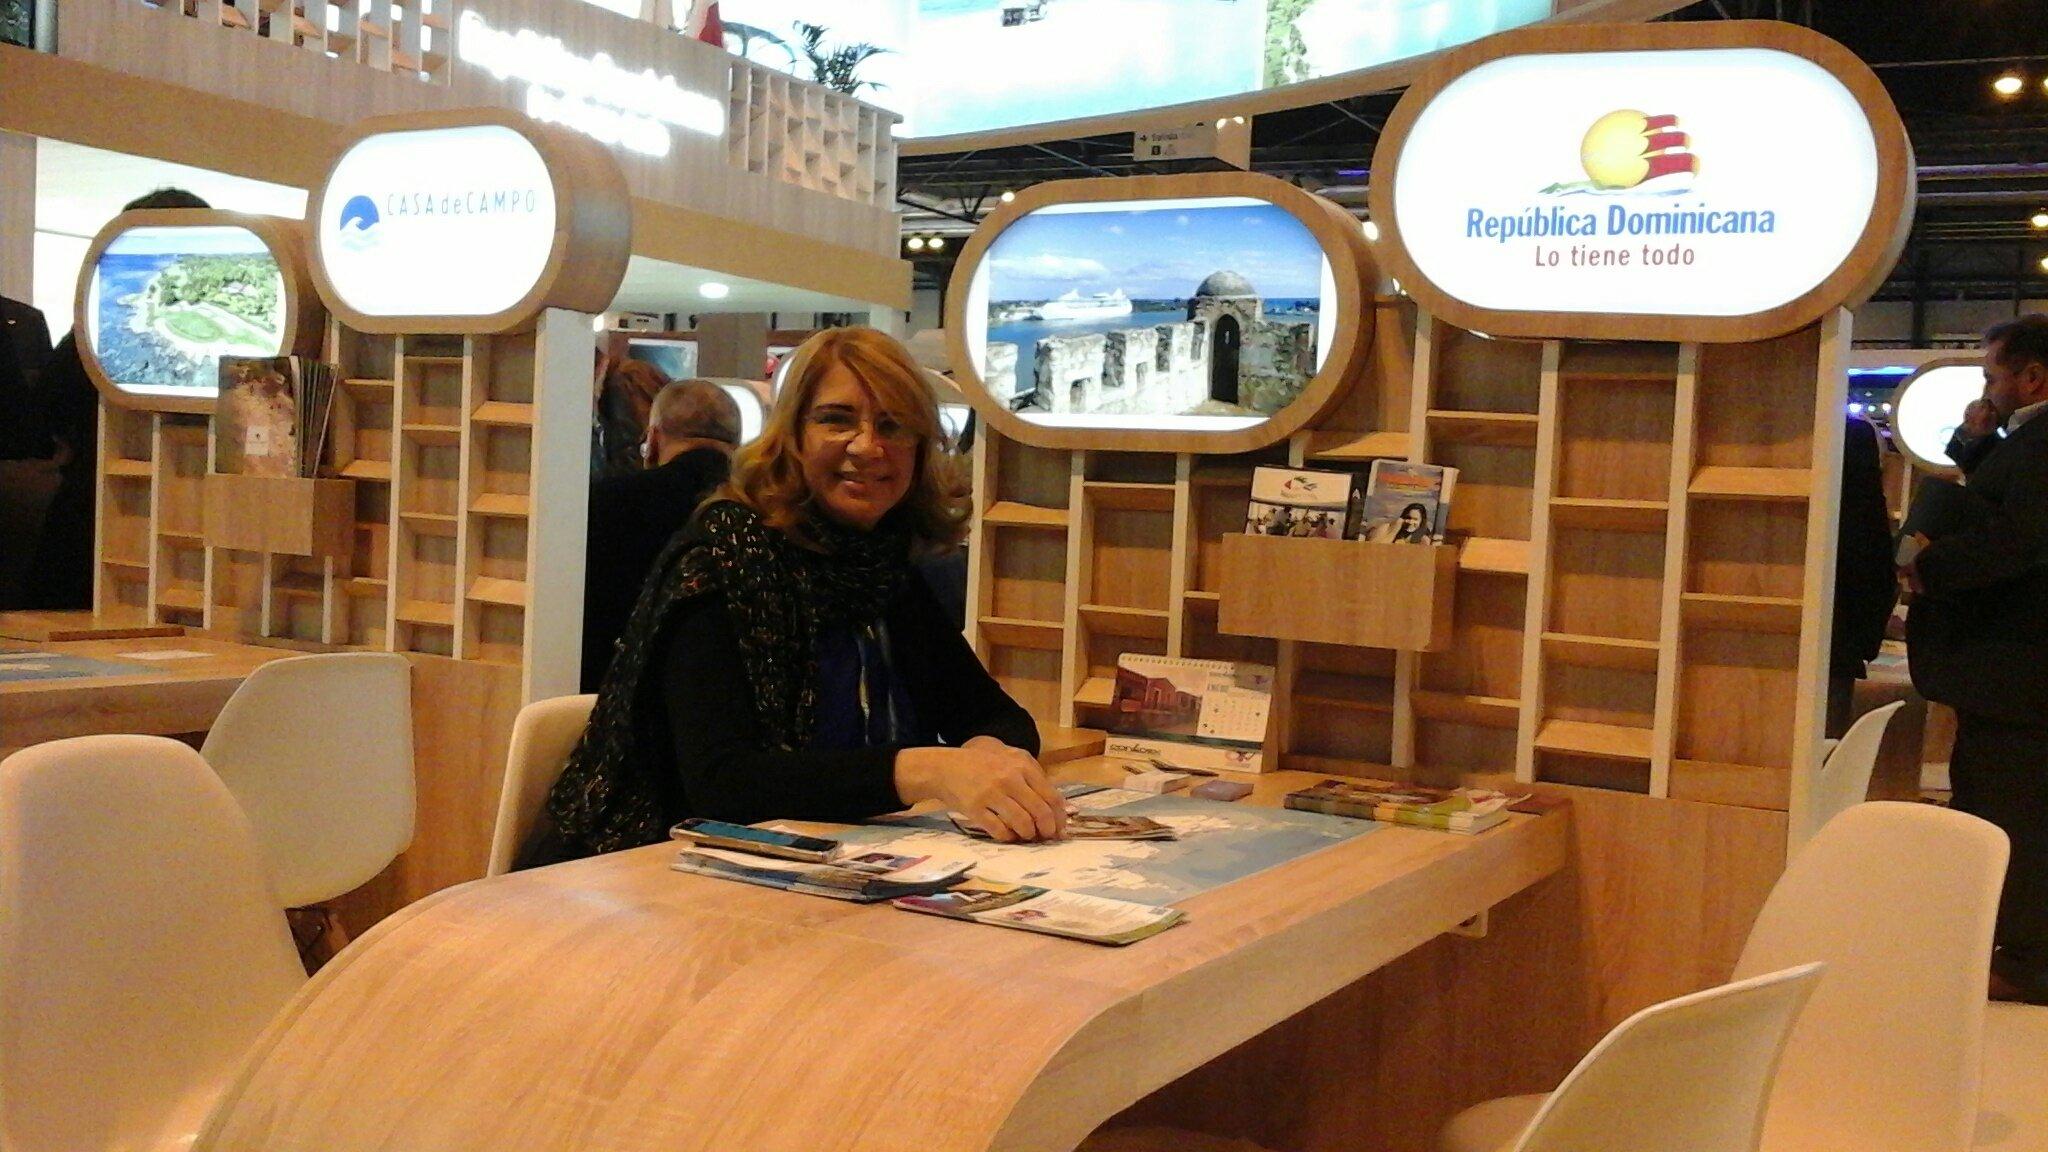 LaAsociaciónde Hoteles, Restaurantes y Empresas Turísticas del Norte (ASHONORTE) presente en FITUR.